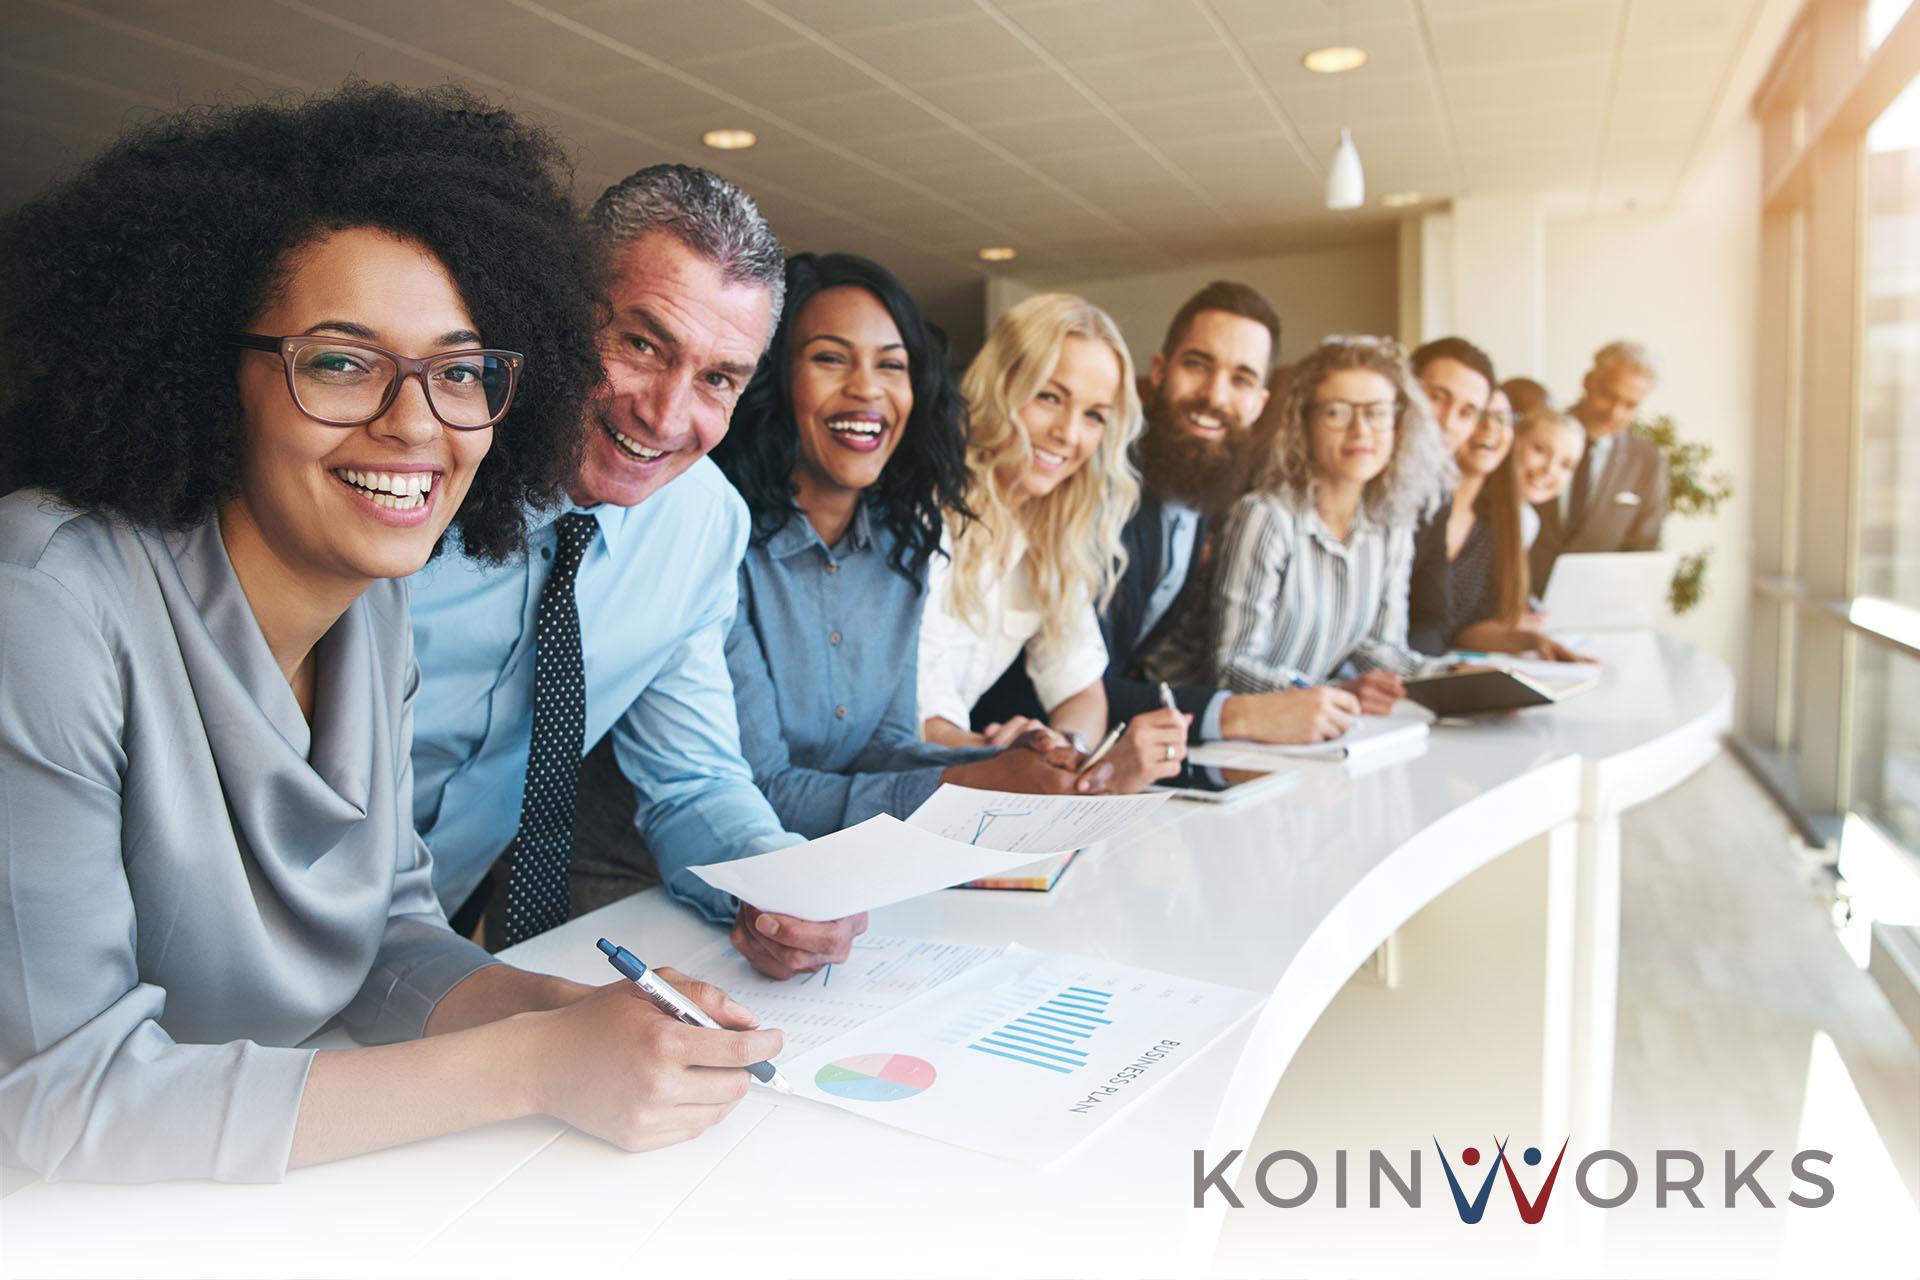 kantor kerja meeting 9 Cara yang Bisa Dilakukan Untuk Meningkatkan Keterampilan Sosial